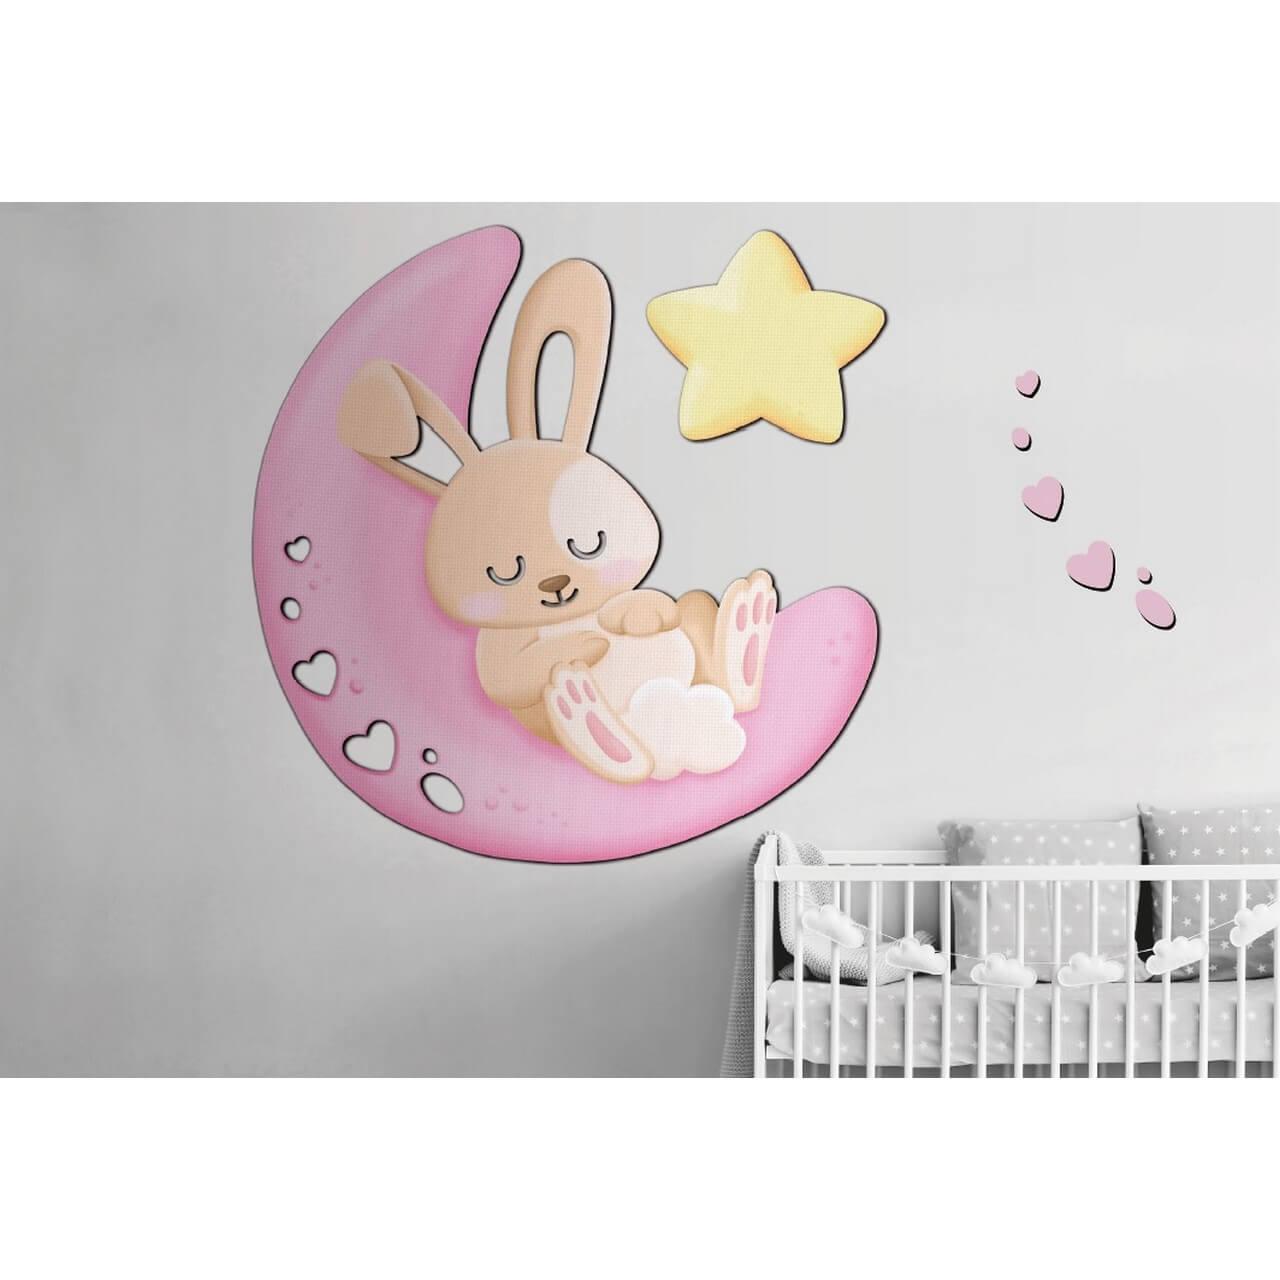 decoración mural para niños de 0 a 3 años de Lola Paris